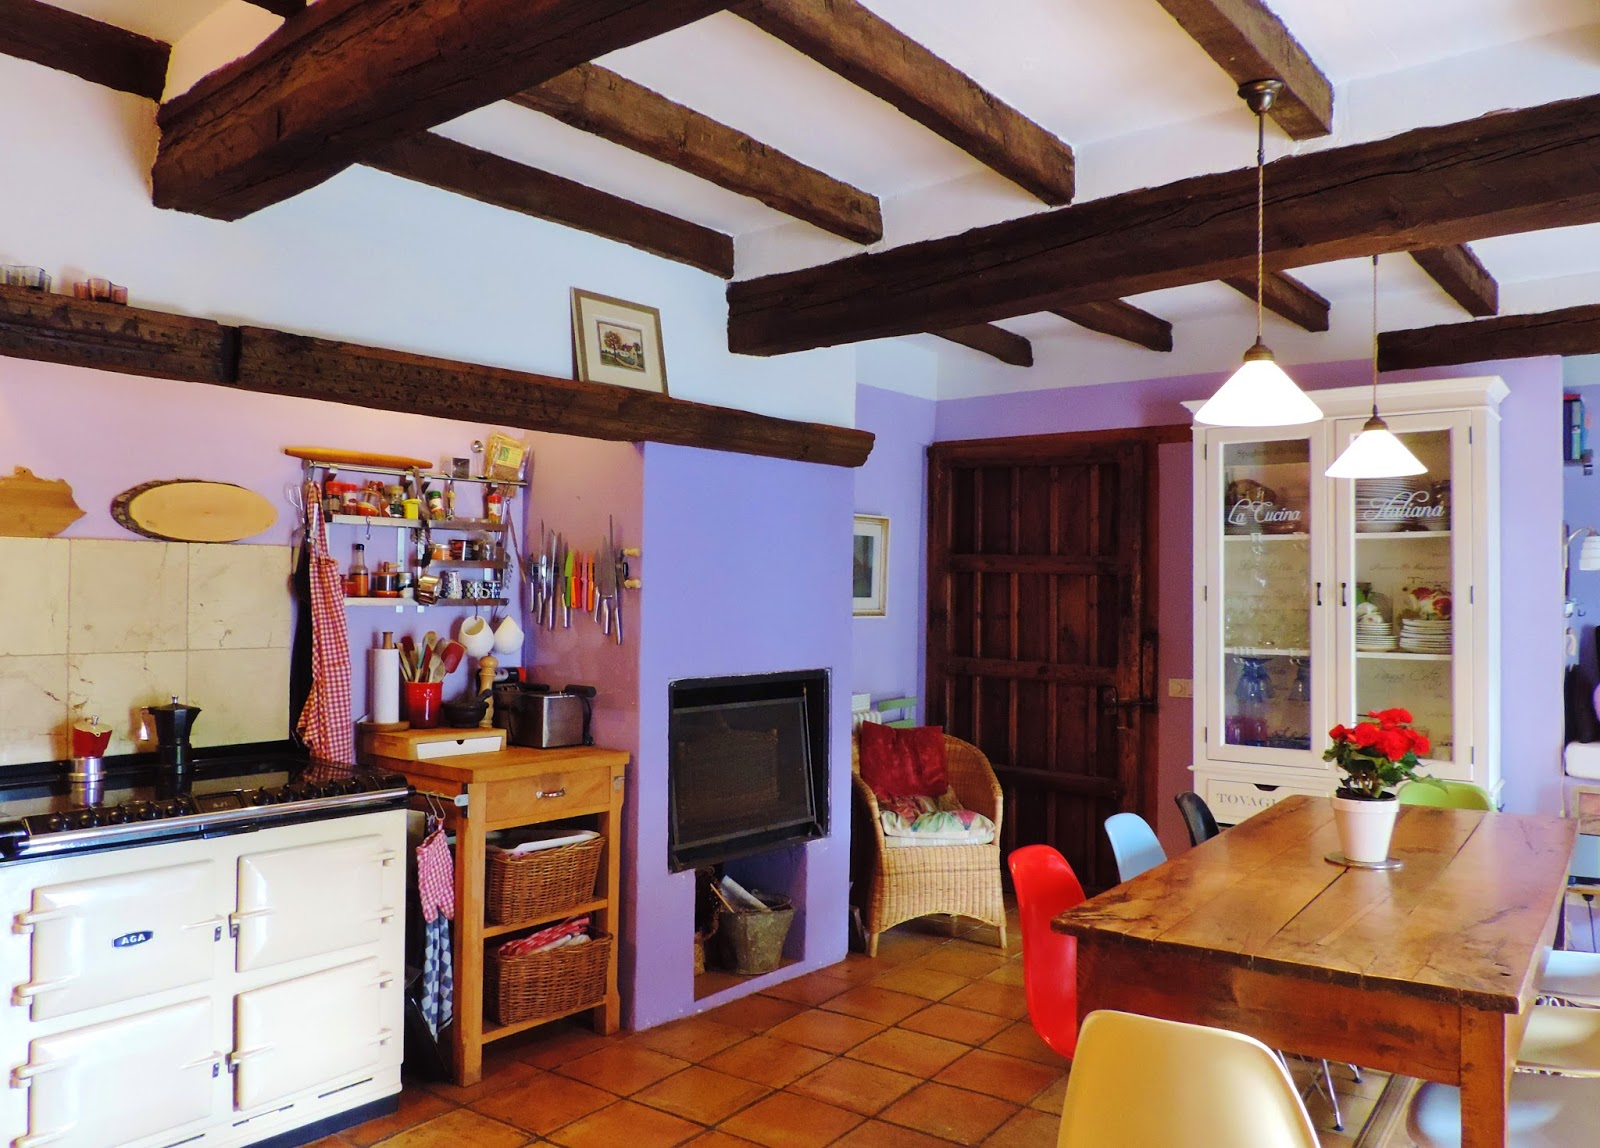 Casas y pisos en venta madrid gr re max cl sico servicios - Pared rustica interior ...